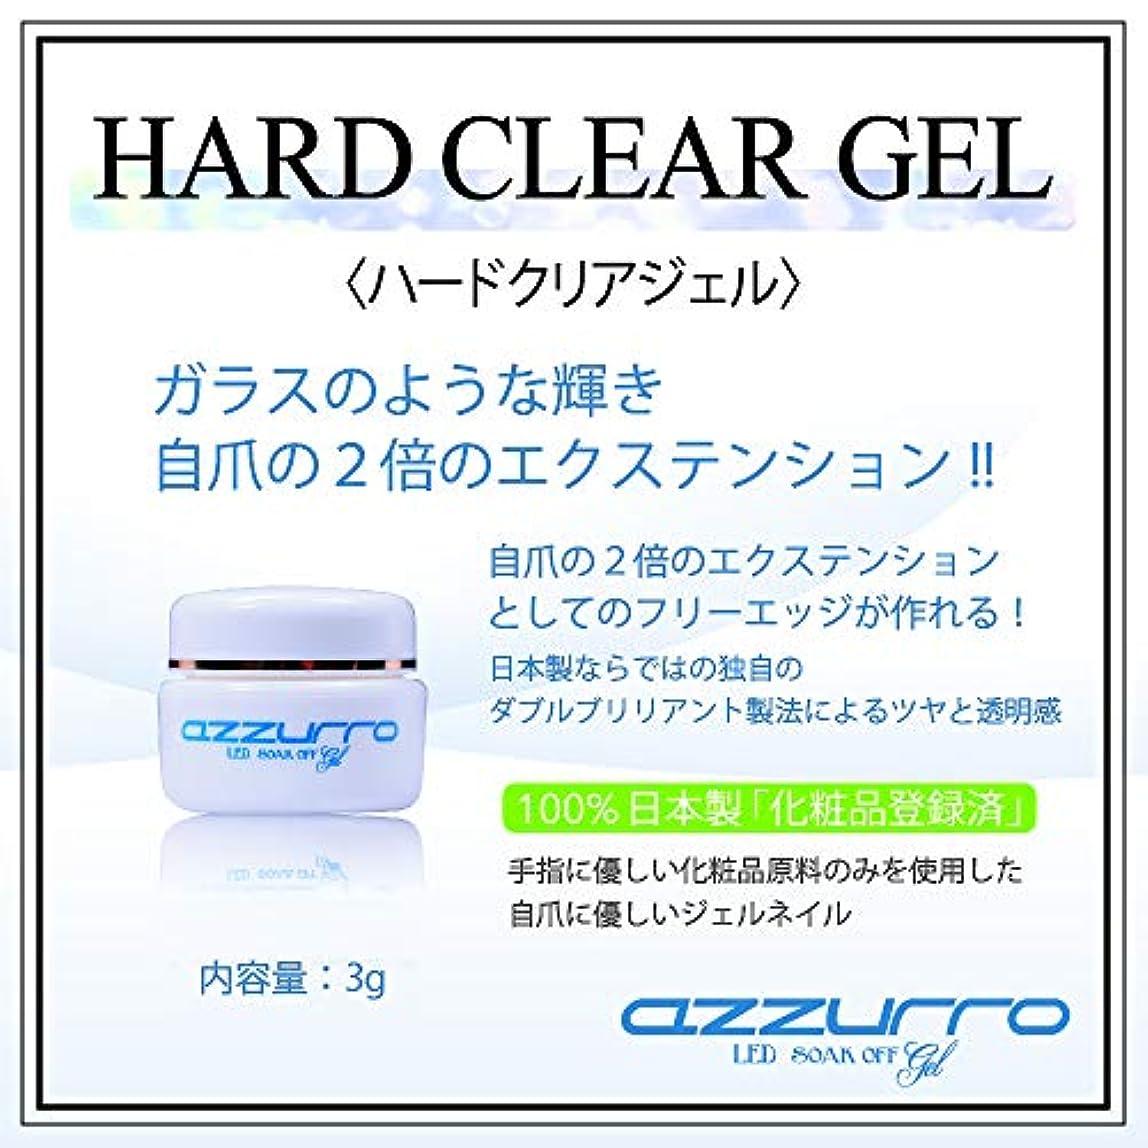 ここにコストマイルドazzurro gel アッズーロハードクリアージェル 3g ツヤツヤ キラキラ感持続 抜群のツヤ